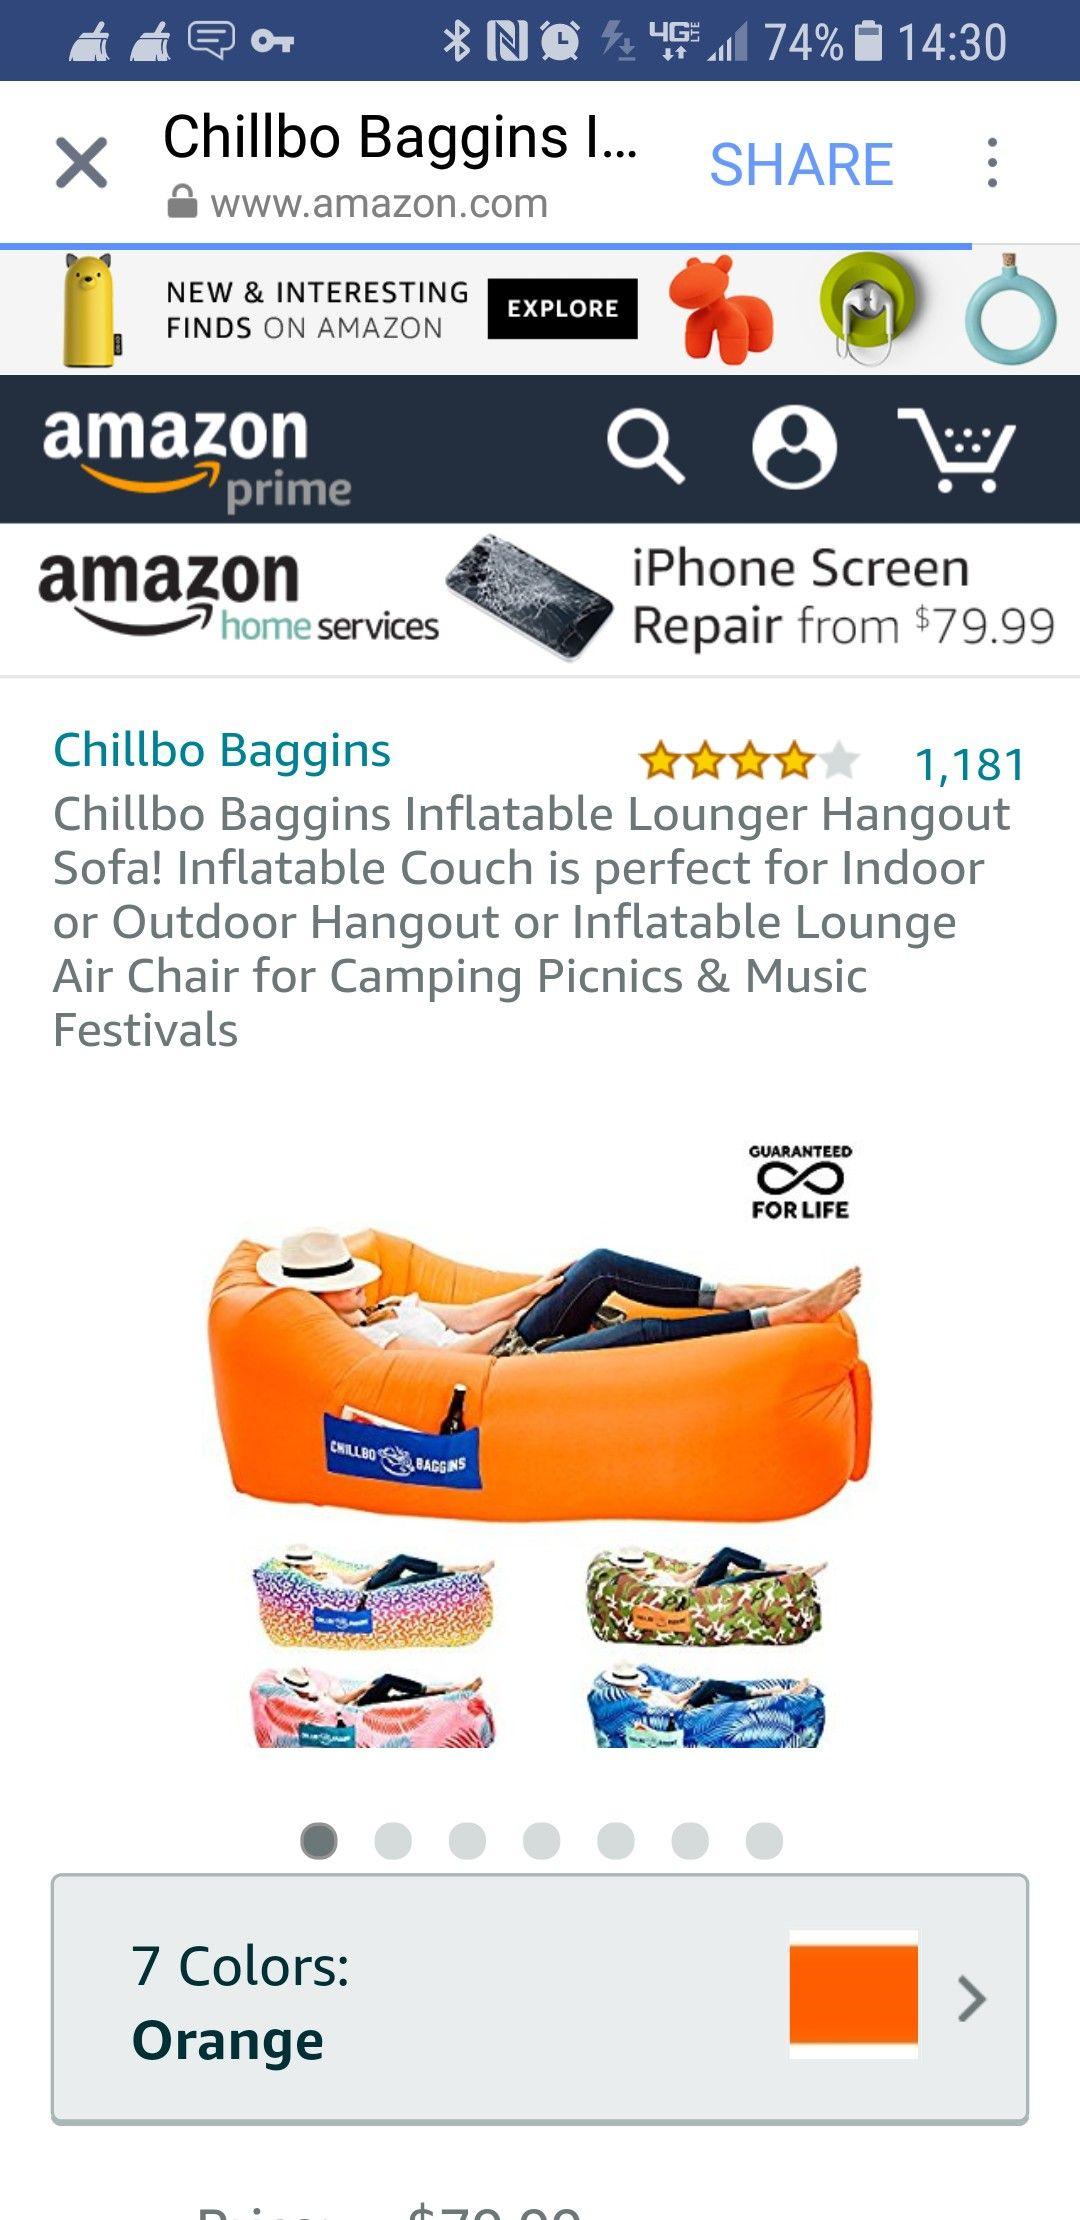 Pin by Merlynn Davis on Neat ideas Air chair, Amazon